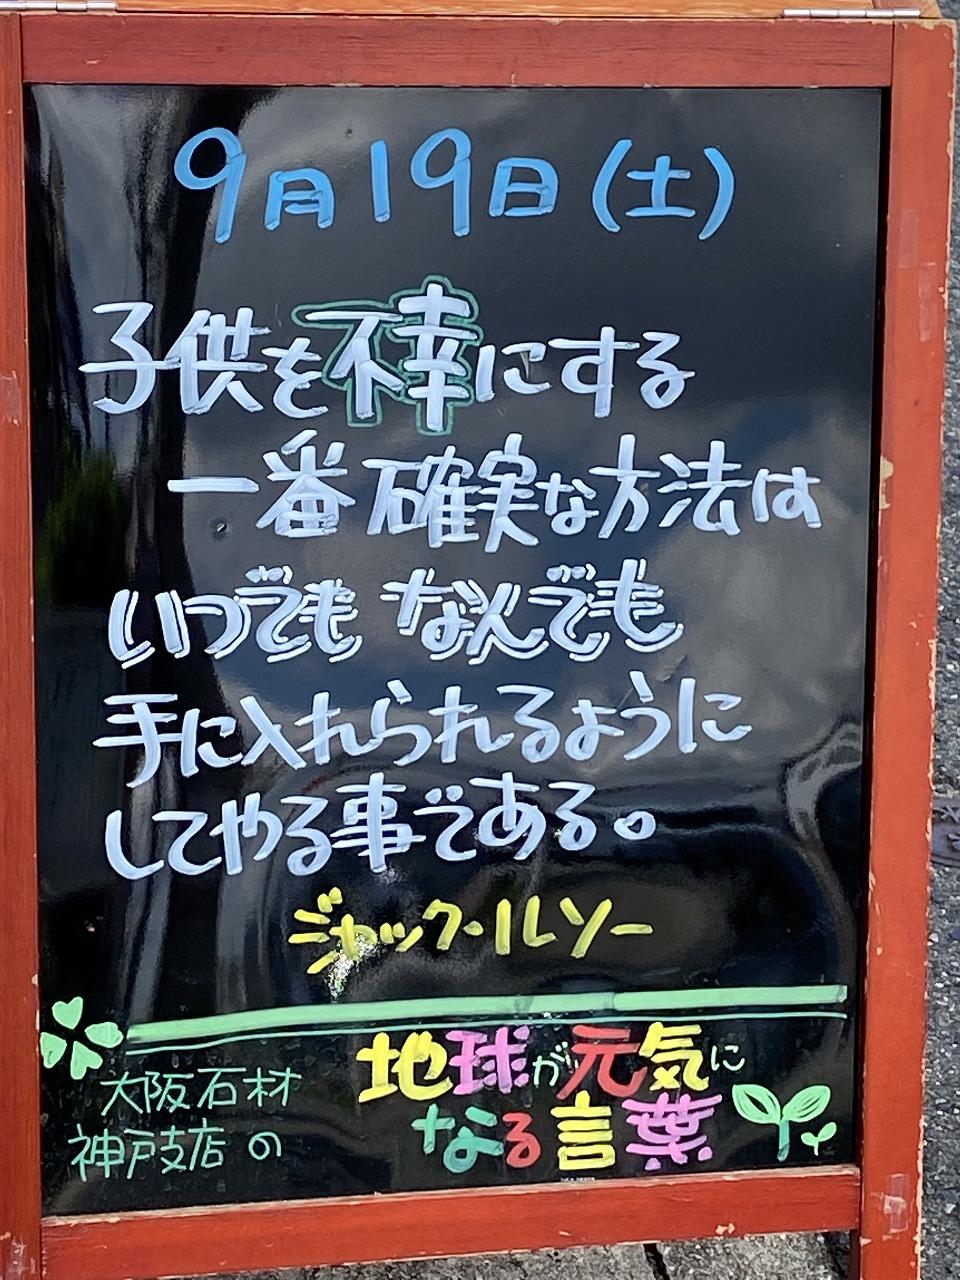 神戸市東灘区御影塚町にある石のお店 大阪石材神戸支店の店舗前にあるブラックボードのPOP「地球が元気になる言葉」9/19